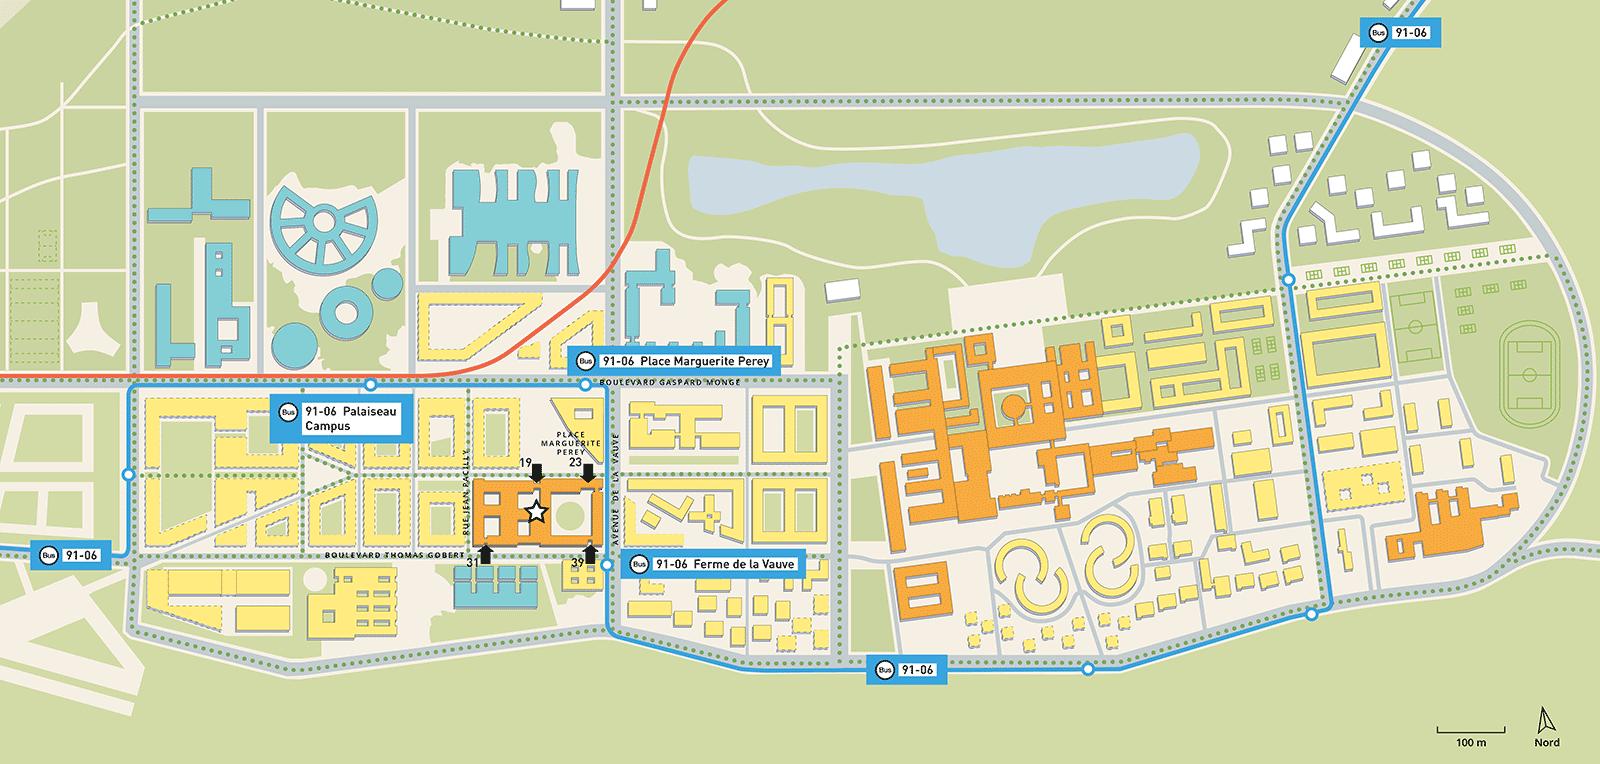 Plan de sitution Télécom Paris à Palaiseau